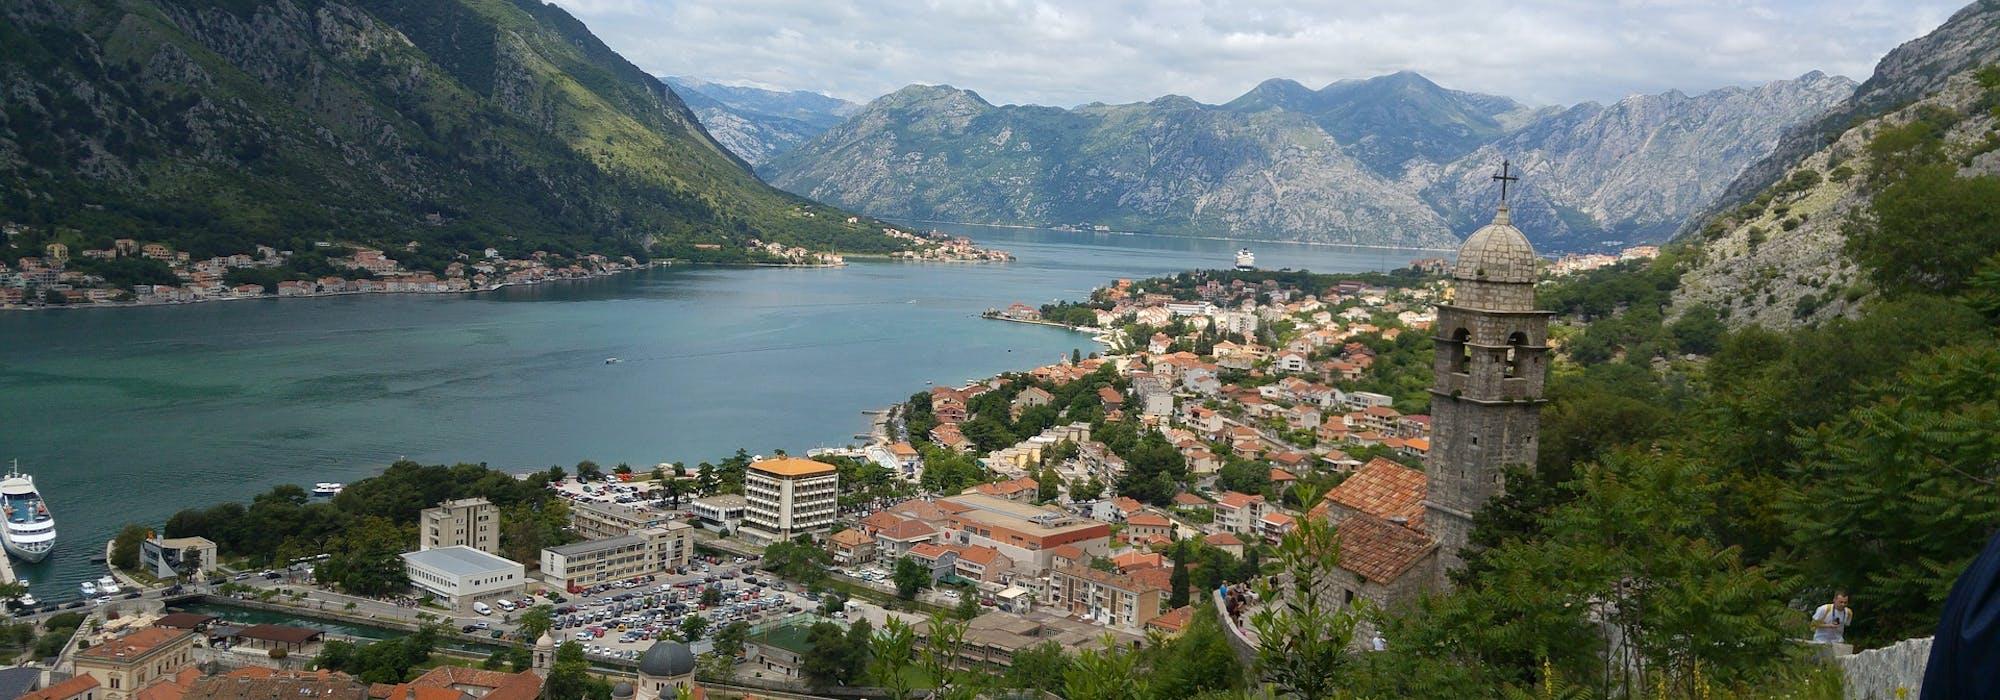 Kotor i Montenegro med berg runtomkring en vik med byggnader och ett kyrktorn på höger sida.